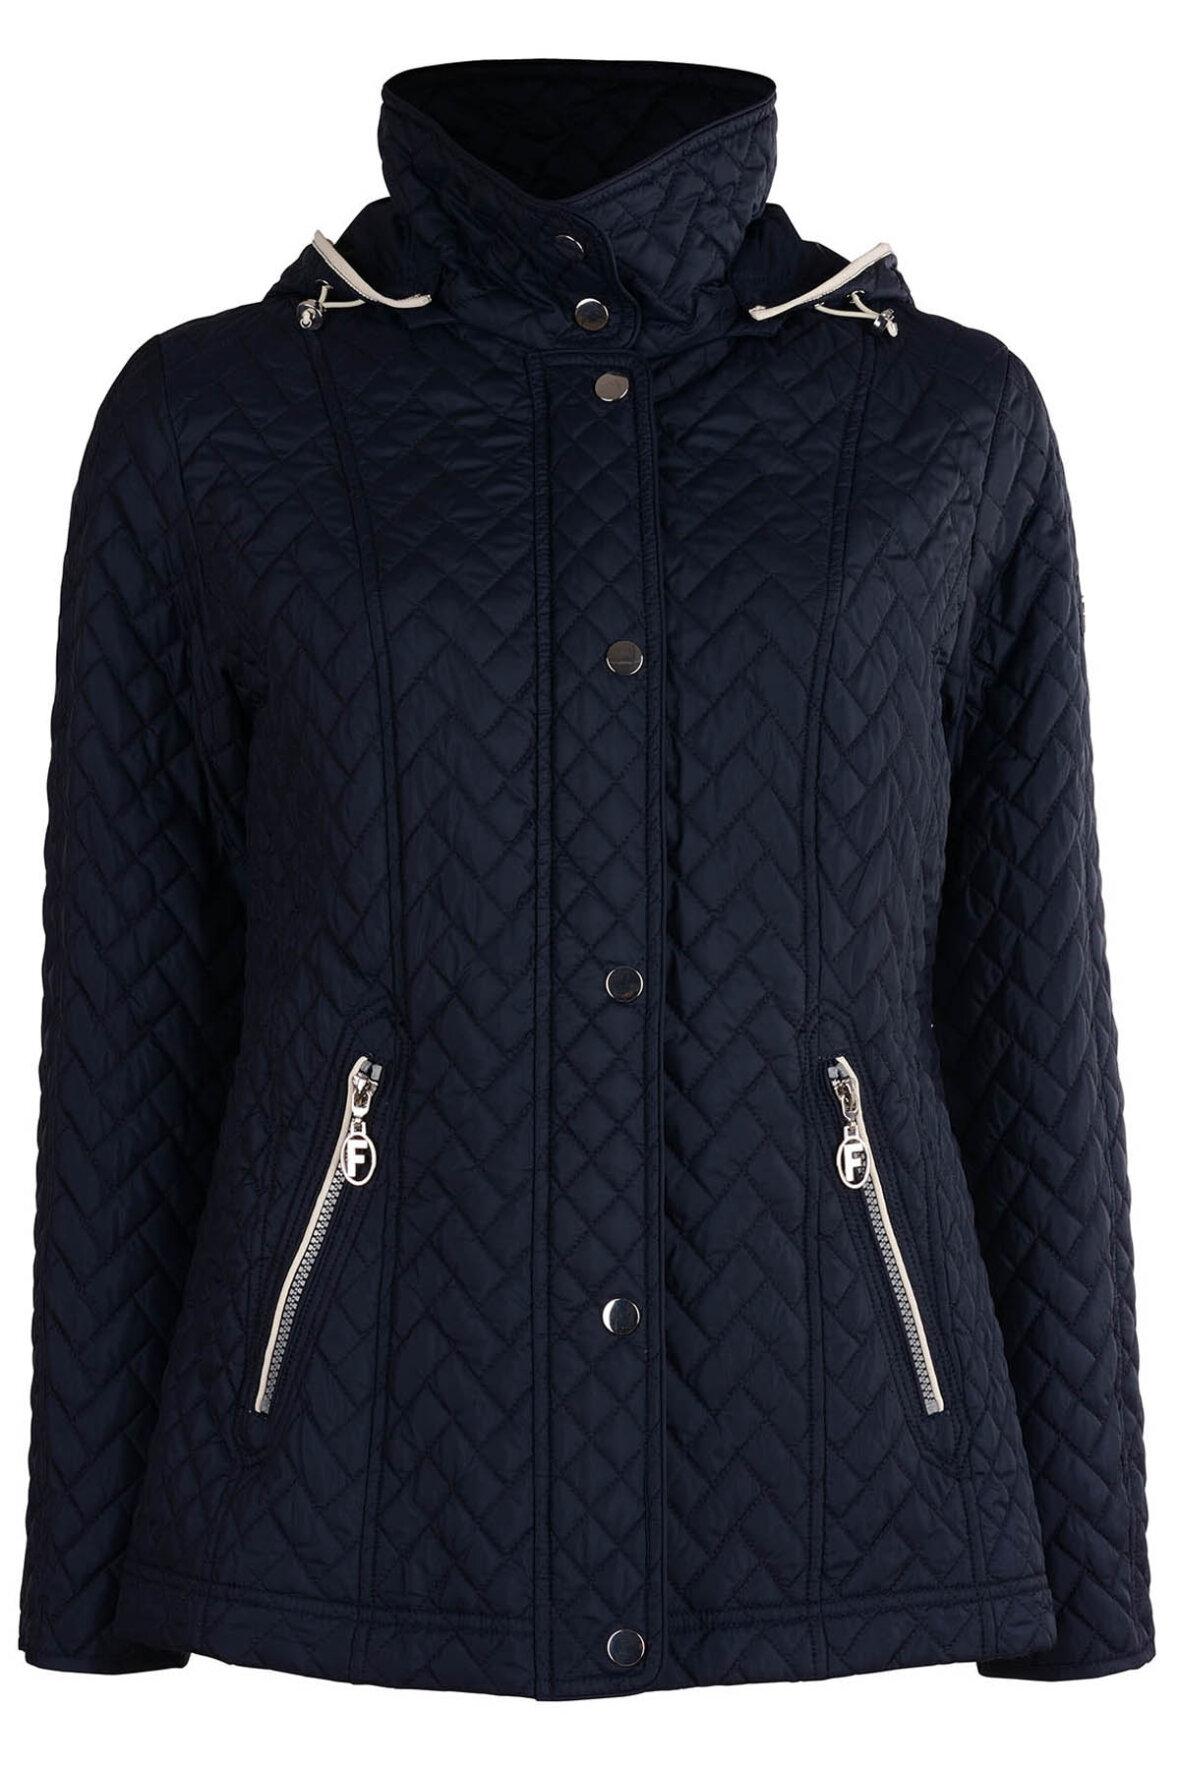 039d70a8 Frandsen Windbreaker jakke med god længde til overgangen - Hos Lohse